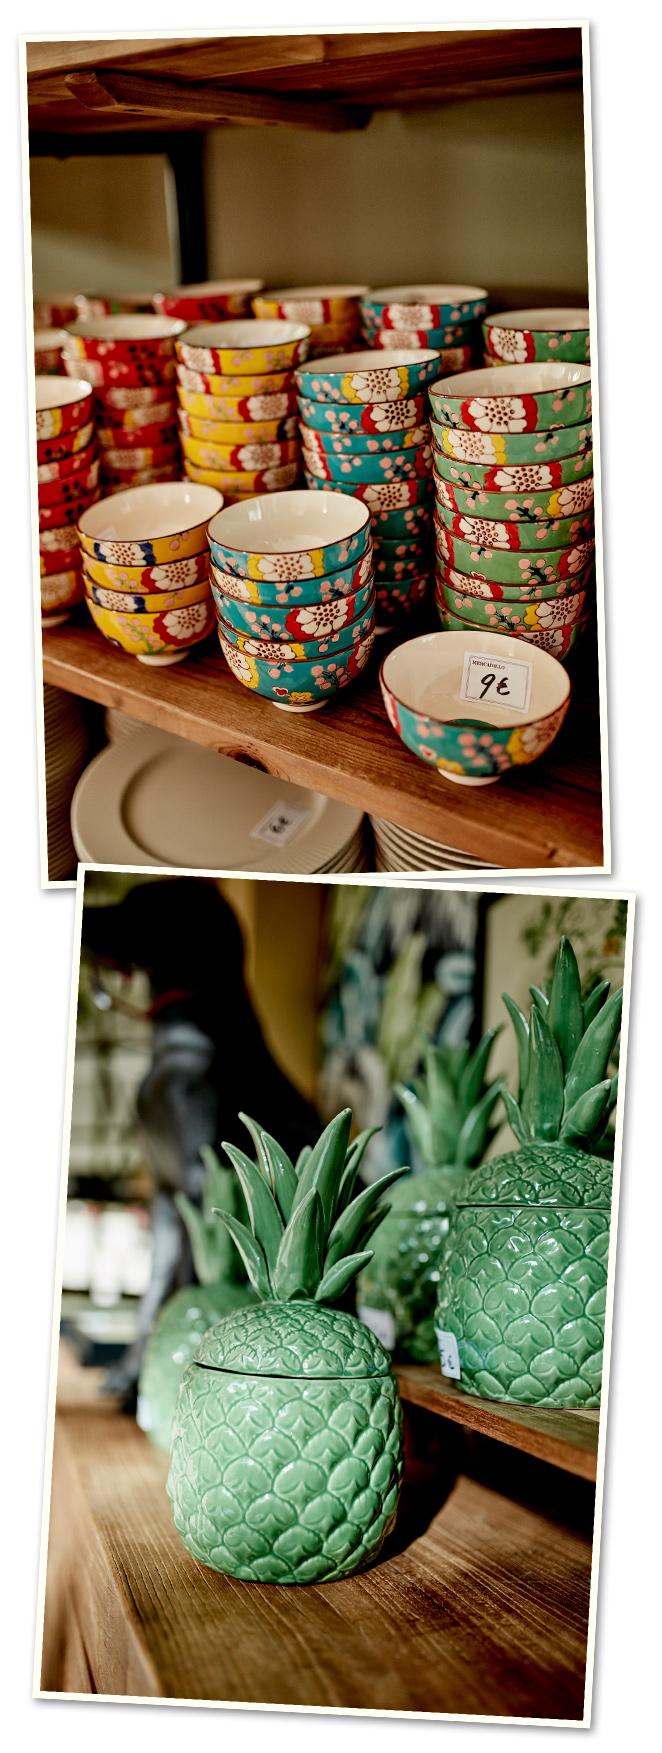 Otra idea que tengo en mente es renovar parte del menaje de cocina, porque en la propuesta de Hanbel hay vasos, platos y sets de cocina ideales, además de textiles para vestir la mesa con elegancia y convertir un almuerzo de rutina en una comida con estilo. Y, si hablamos de textiles, no creo que pueda resistirme a llevarme alguna manta: son perfectas para dar un toque de color a un sofá o a una butaca y, sobre todo, un elemento súper confortable para relajarse leyendo un libro en una tarde de sábado.